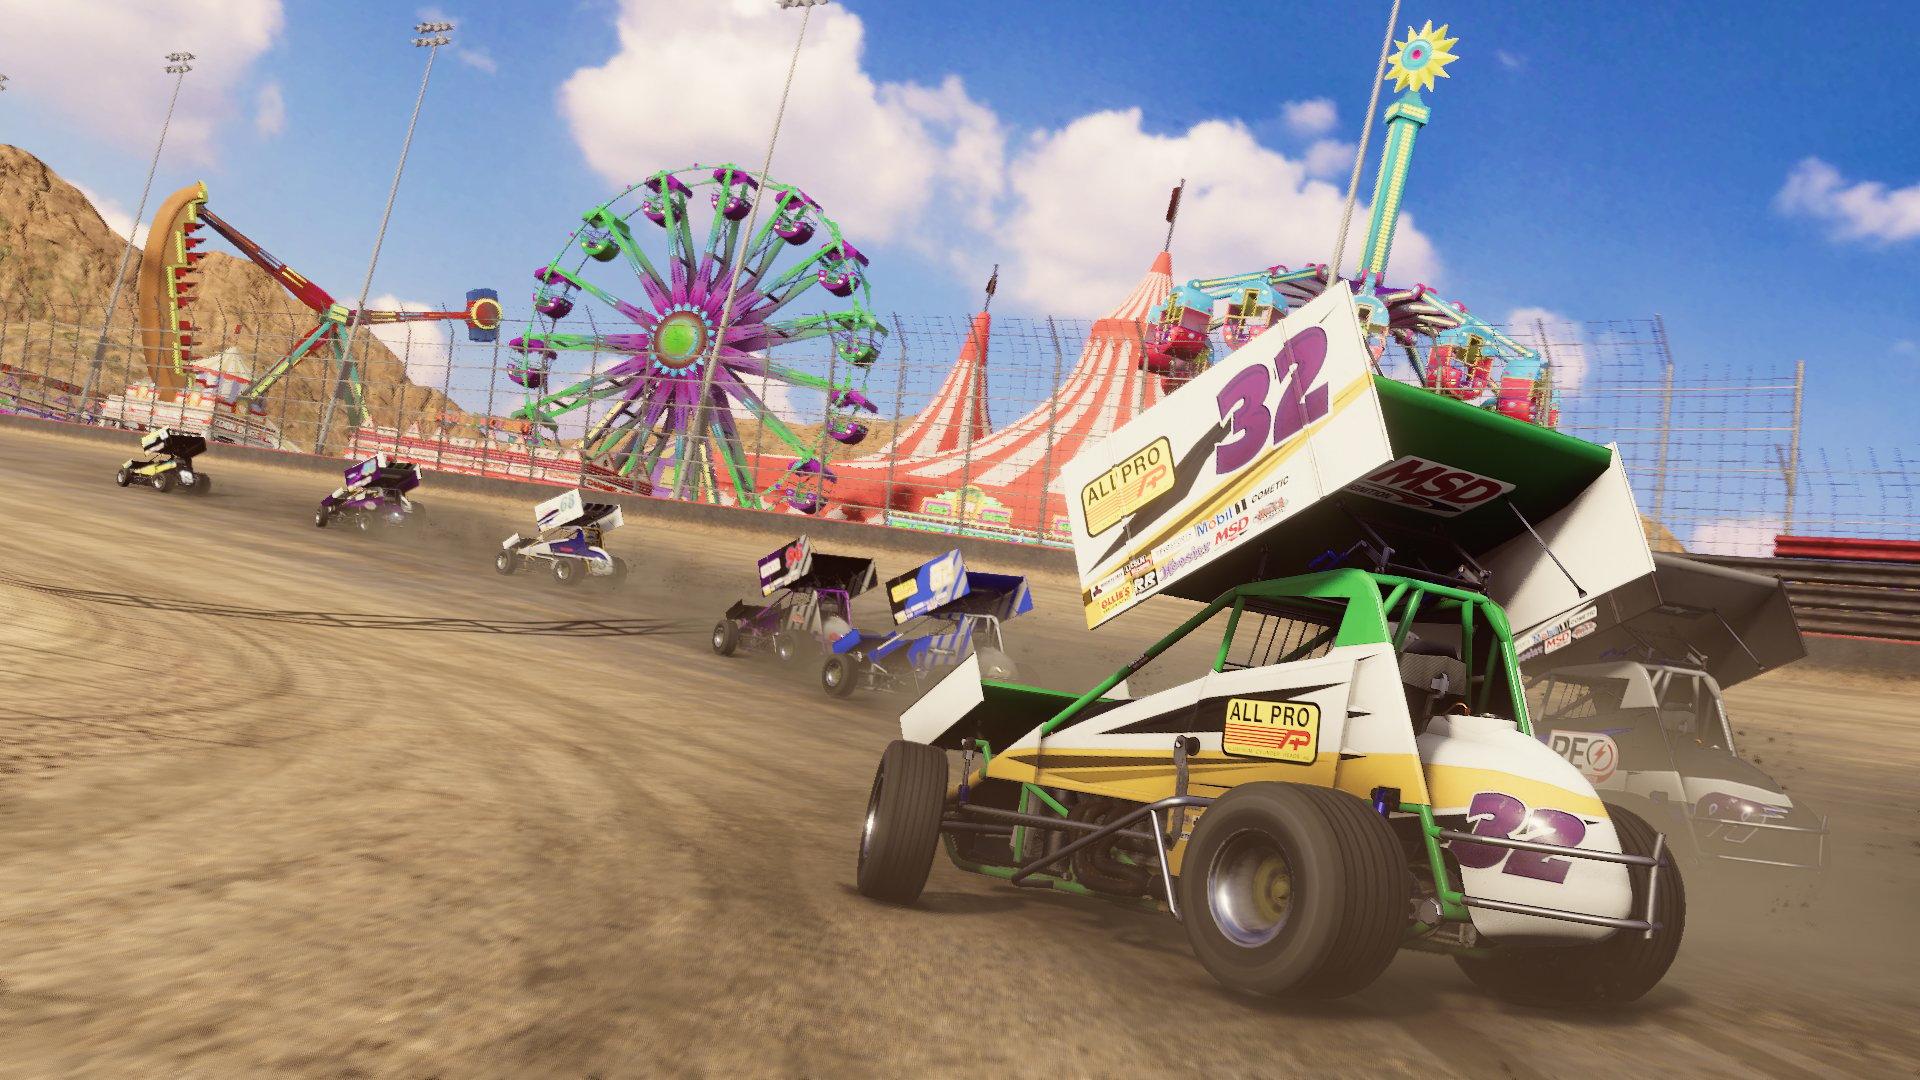 Dirt Track Racing game screenshot